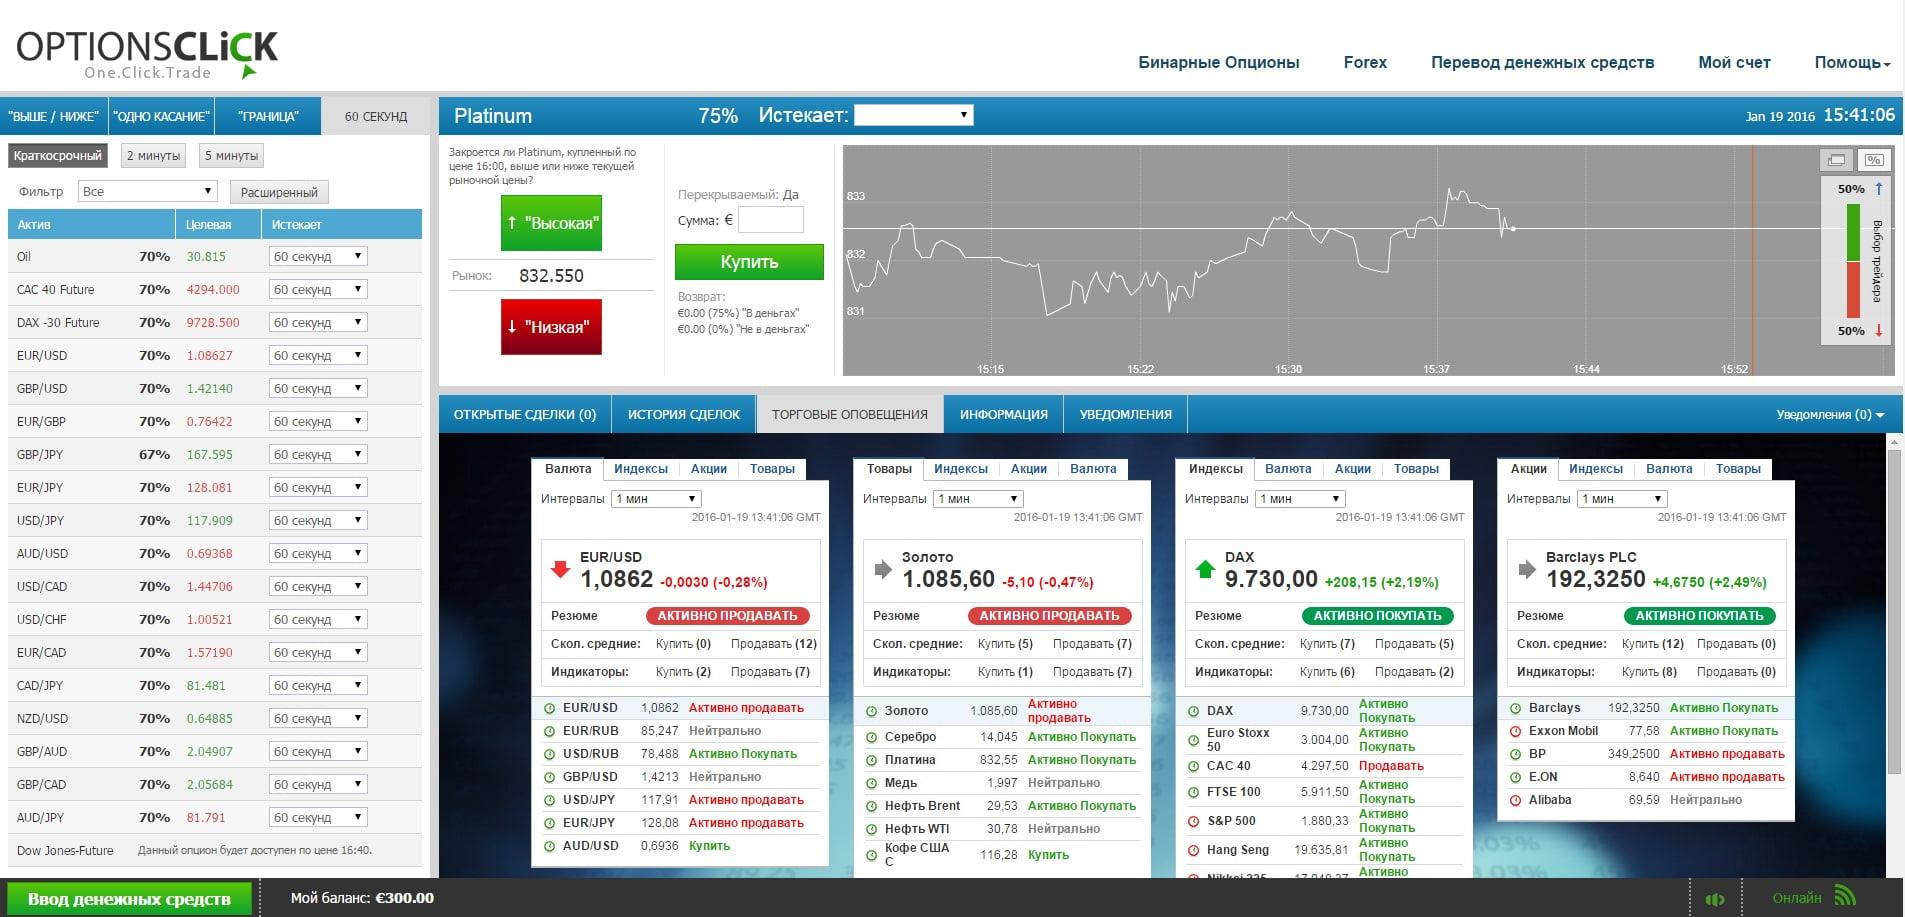 Торговая платформа OptionsClick